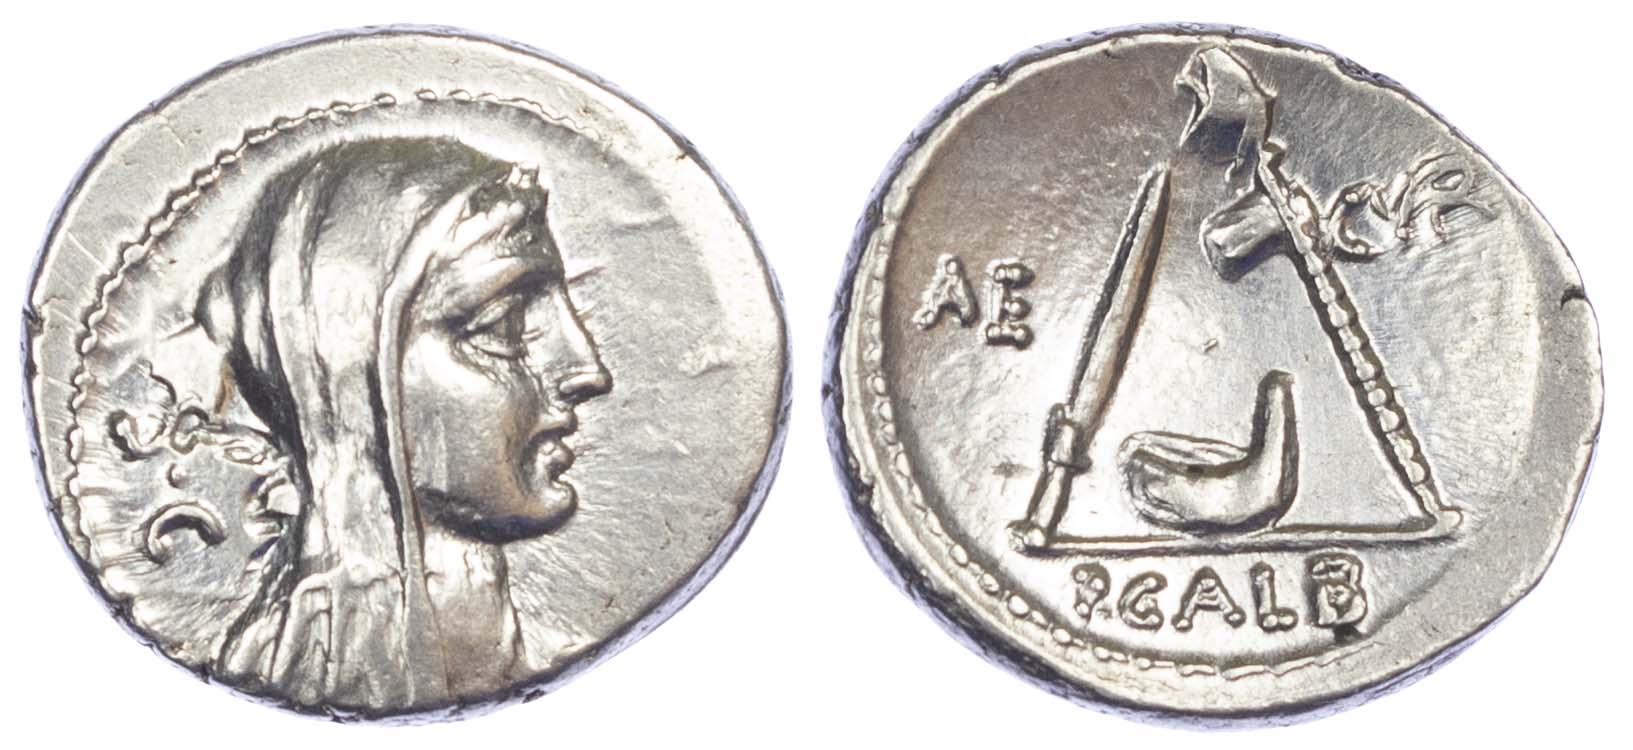 Roman Republic, P. Sulpicius Galba, Silver Denarius